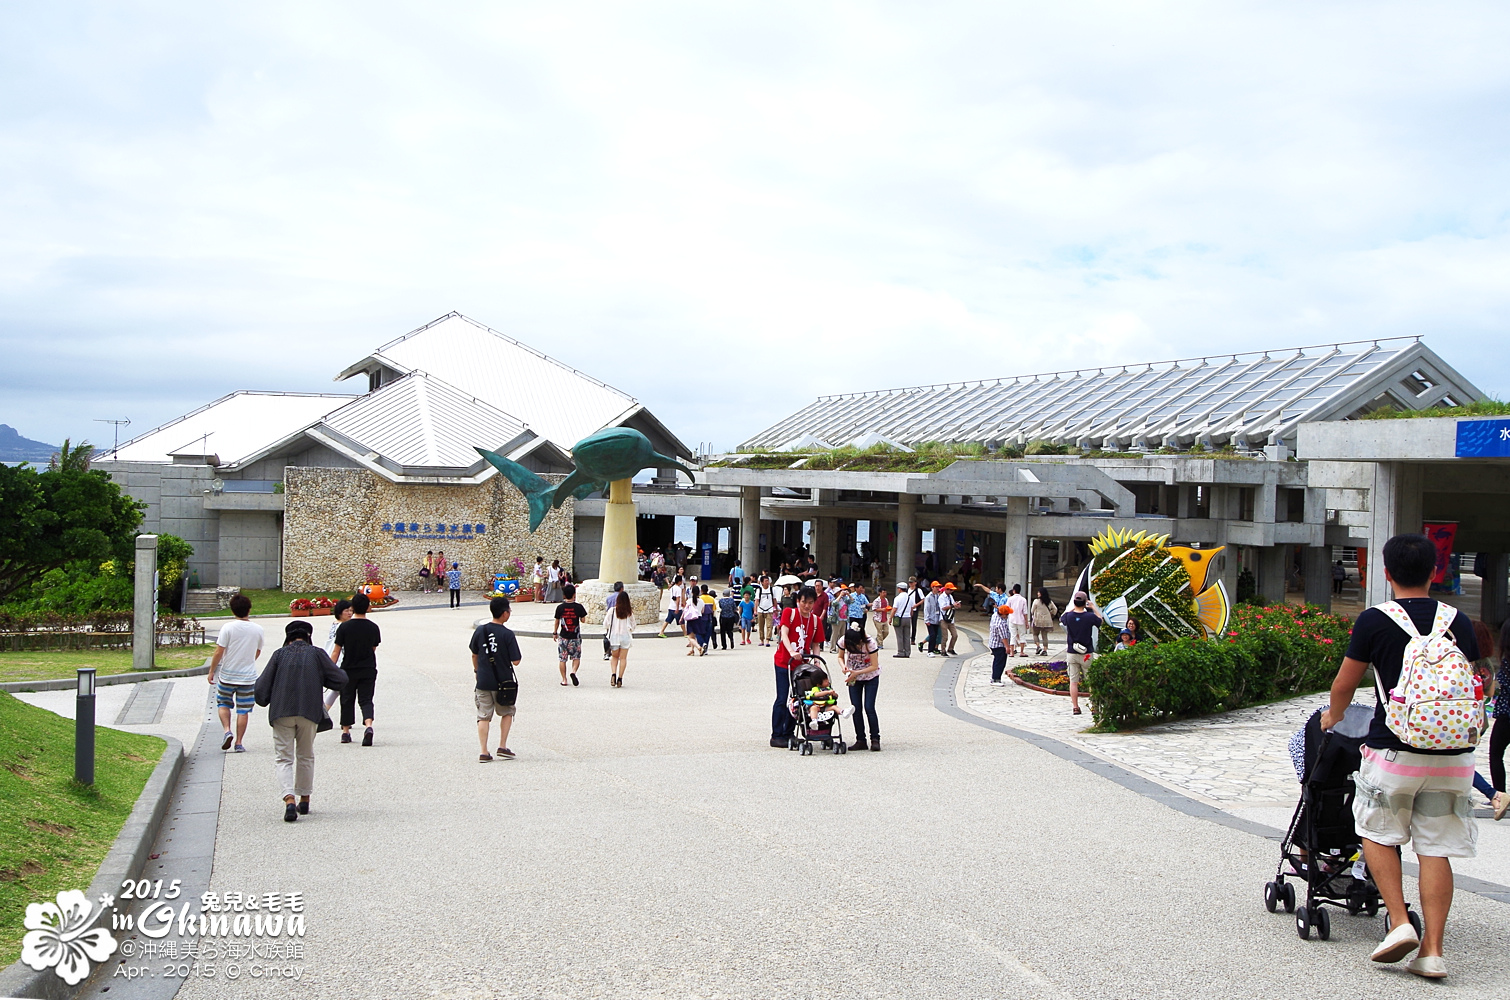 2015-0405-沖縄美ら海水族館-03.jpg